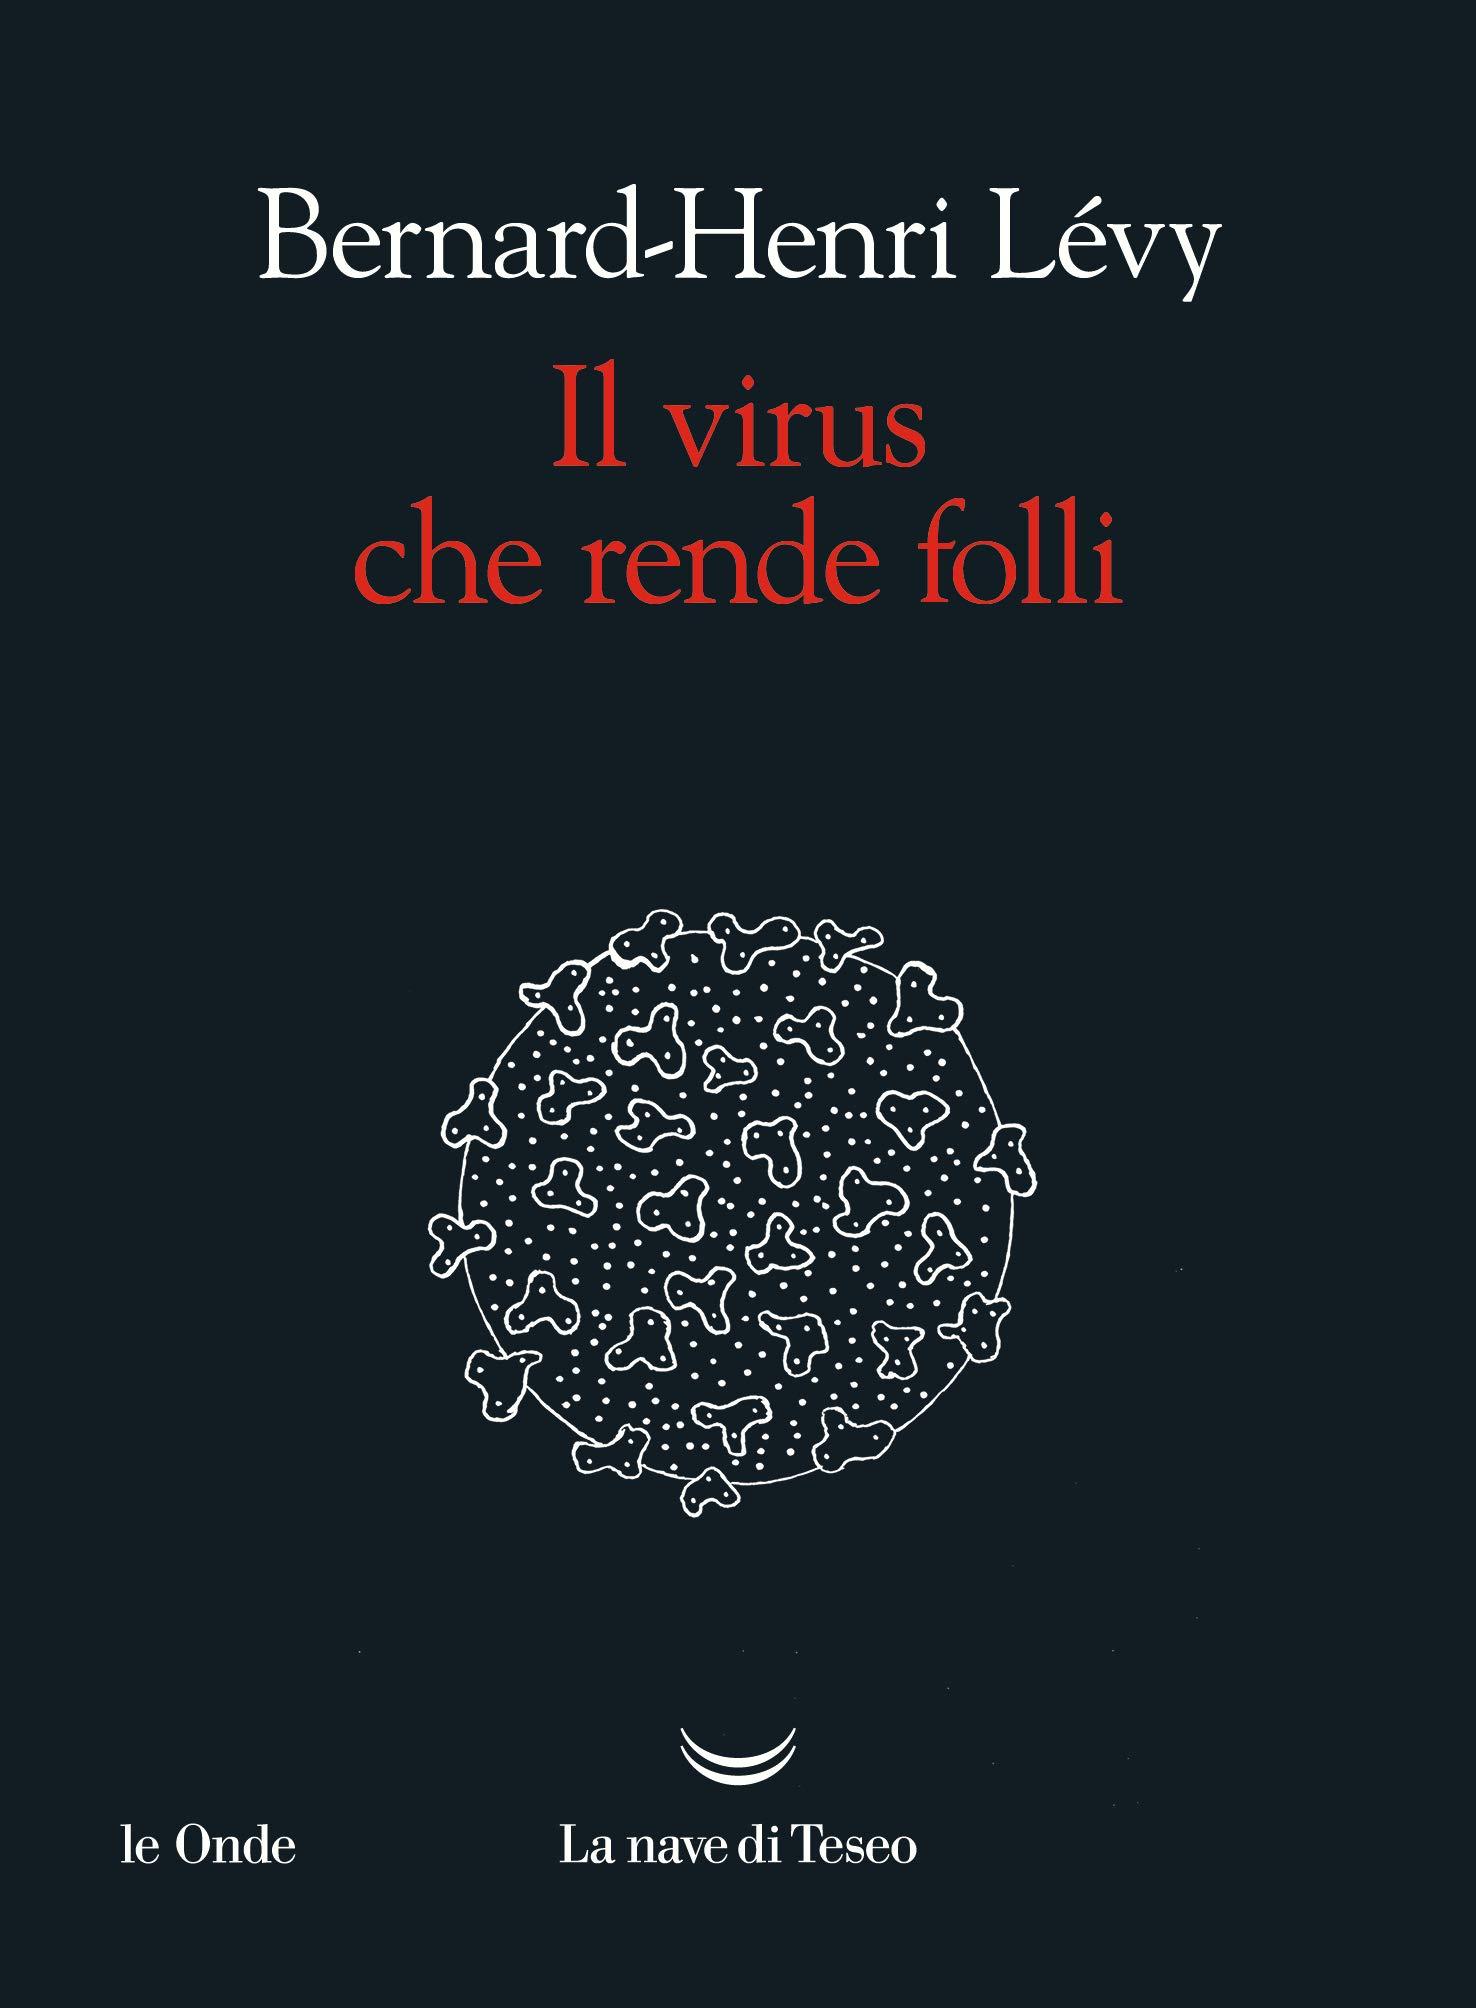 Il virus che rende folli (Le onde): Amazon.es: Lévy, Bernard-Henri: Libros en idiomas extranjeros